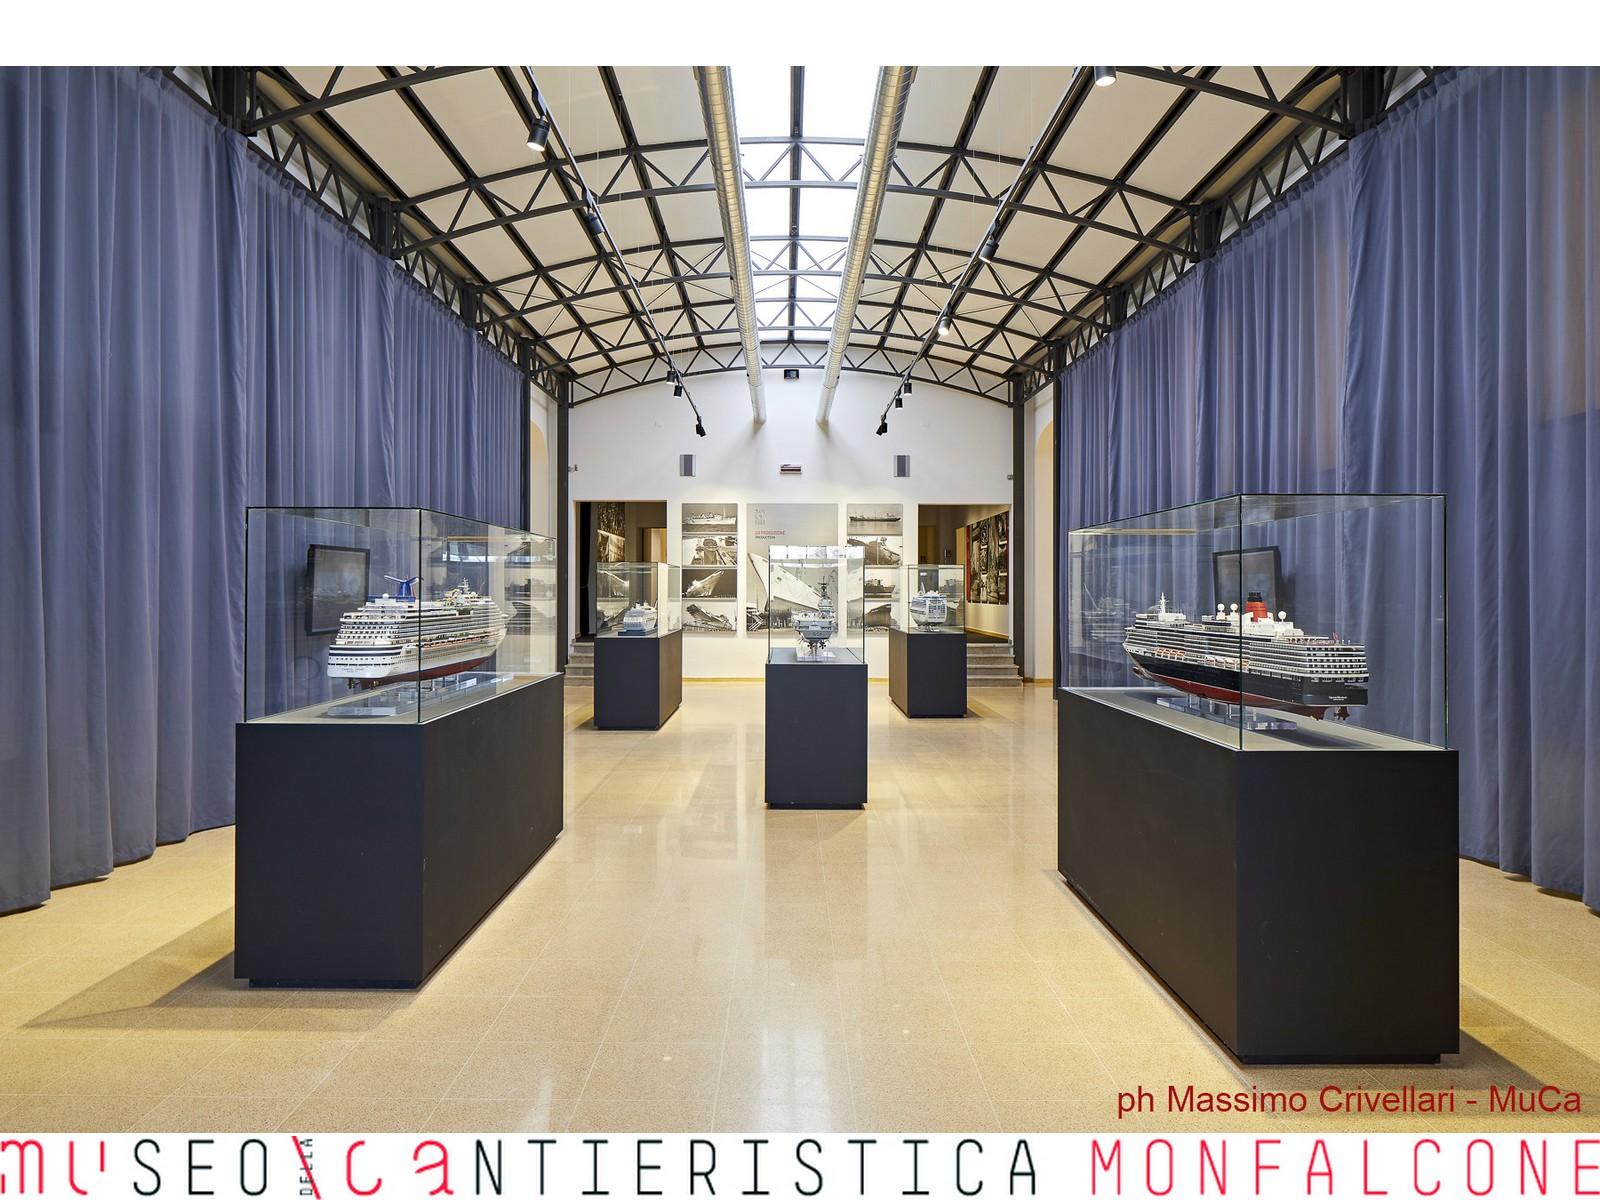 MUCA-Museo della Cantieristica - Monfalcone